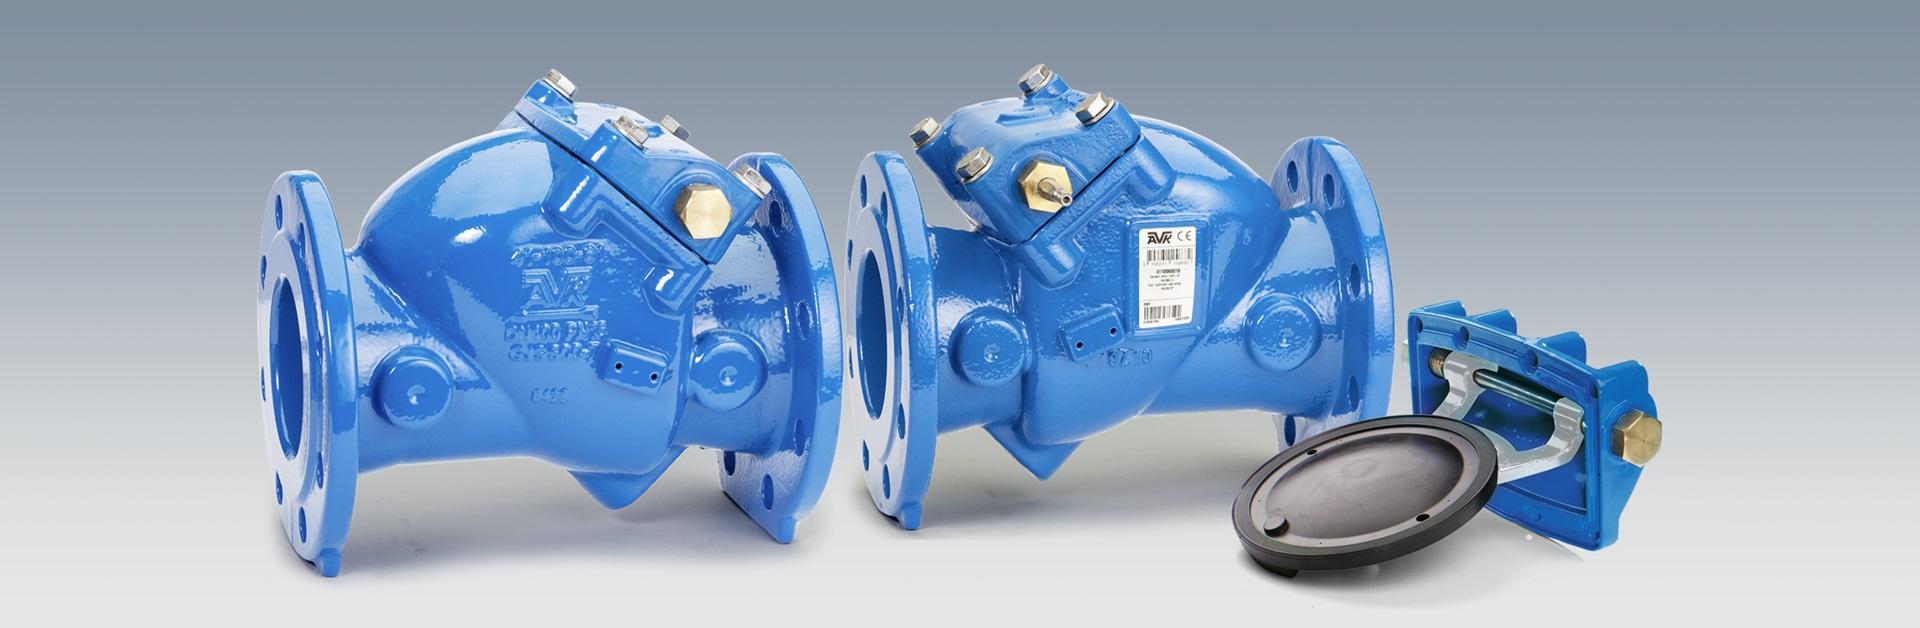 AVK range of swing check valves